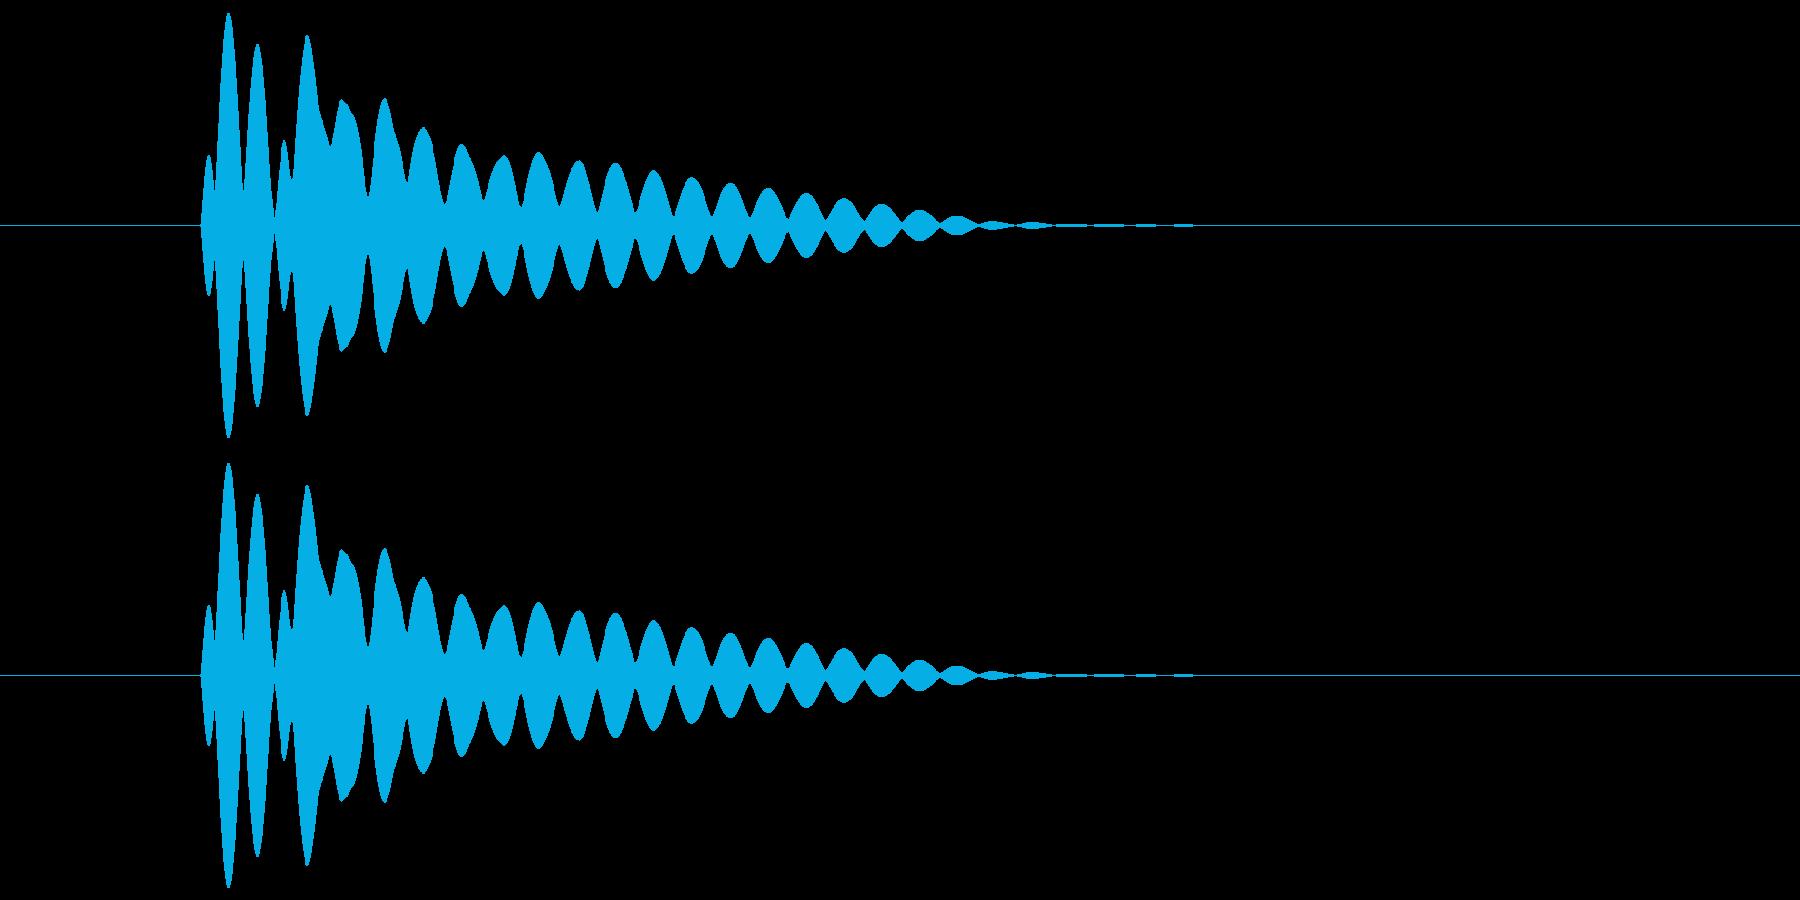 ピコーン(透明感と余韻のある音) 01の再生済みの波形